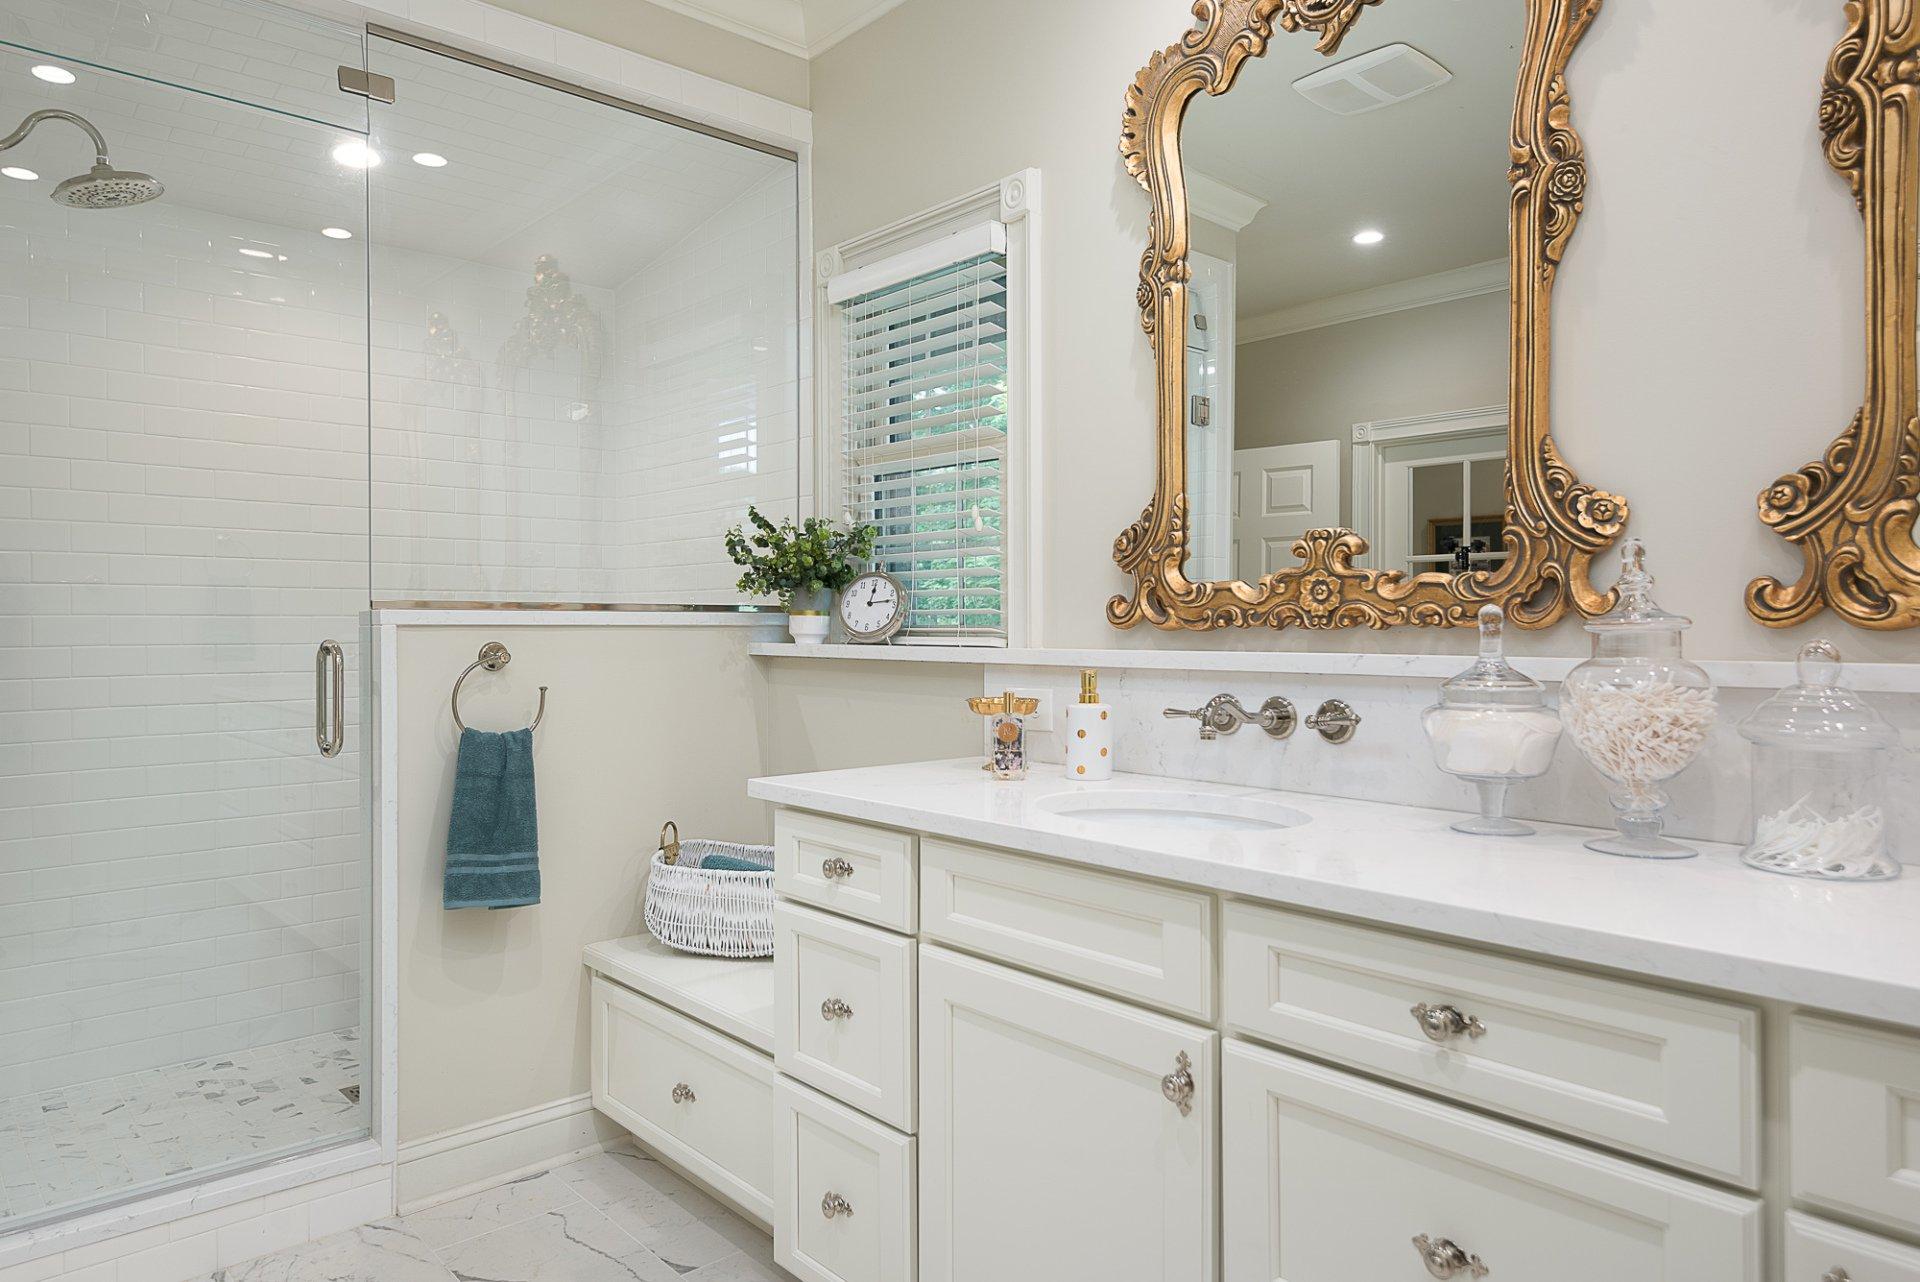 Bathrooms remodeling general contractors in lexington ky for Bathroom remodel lexington ky